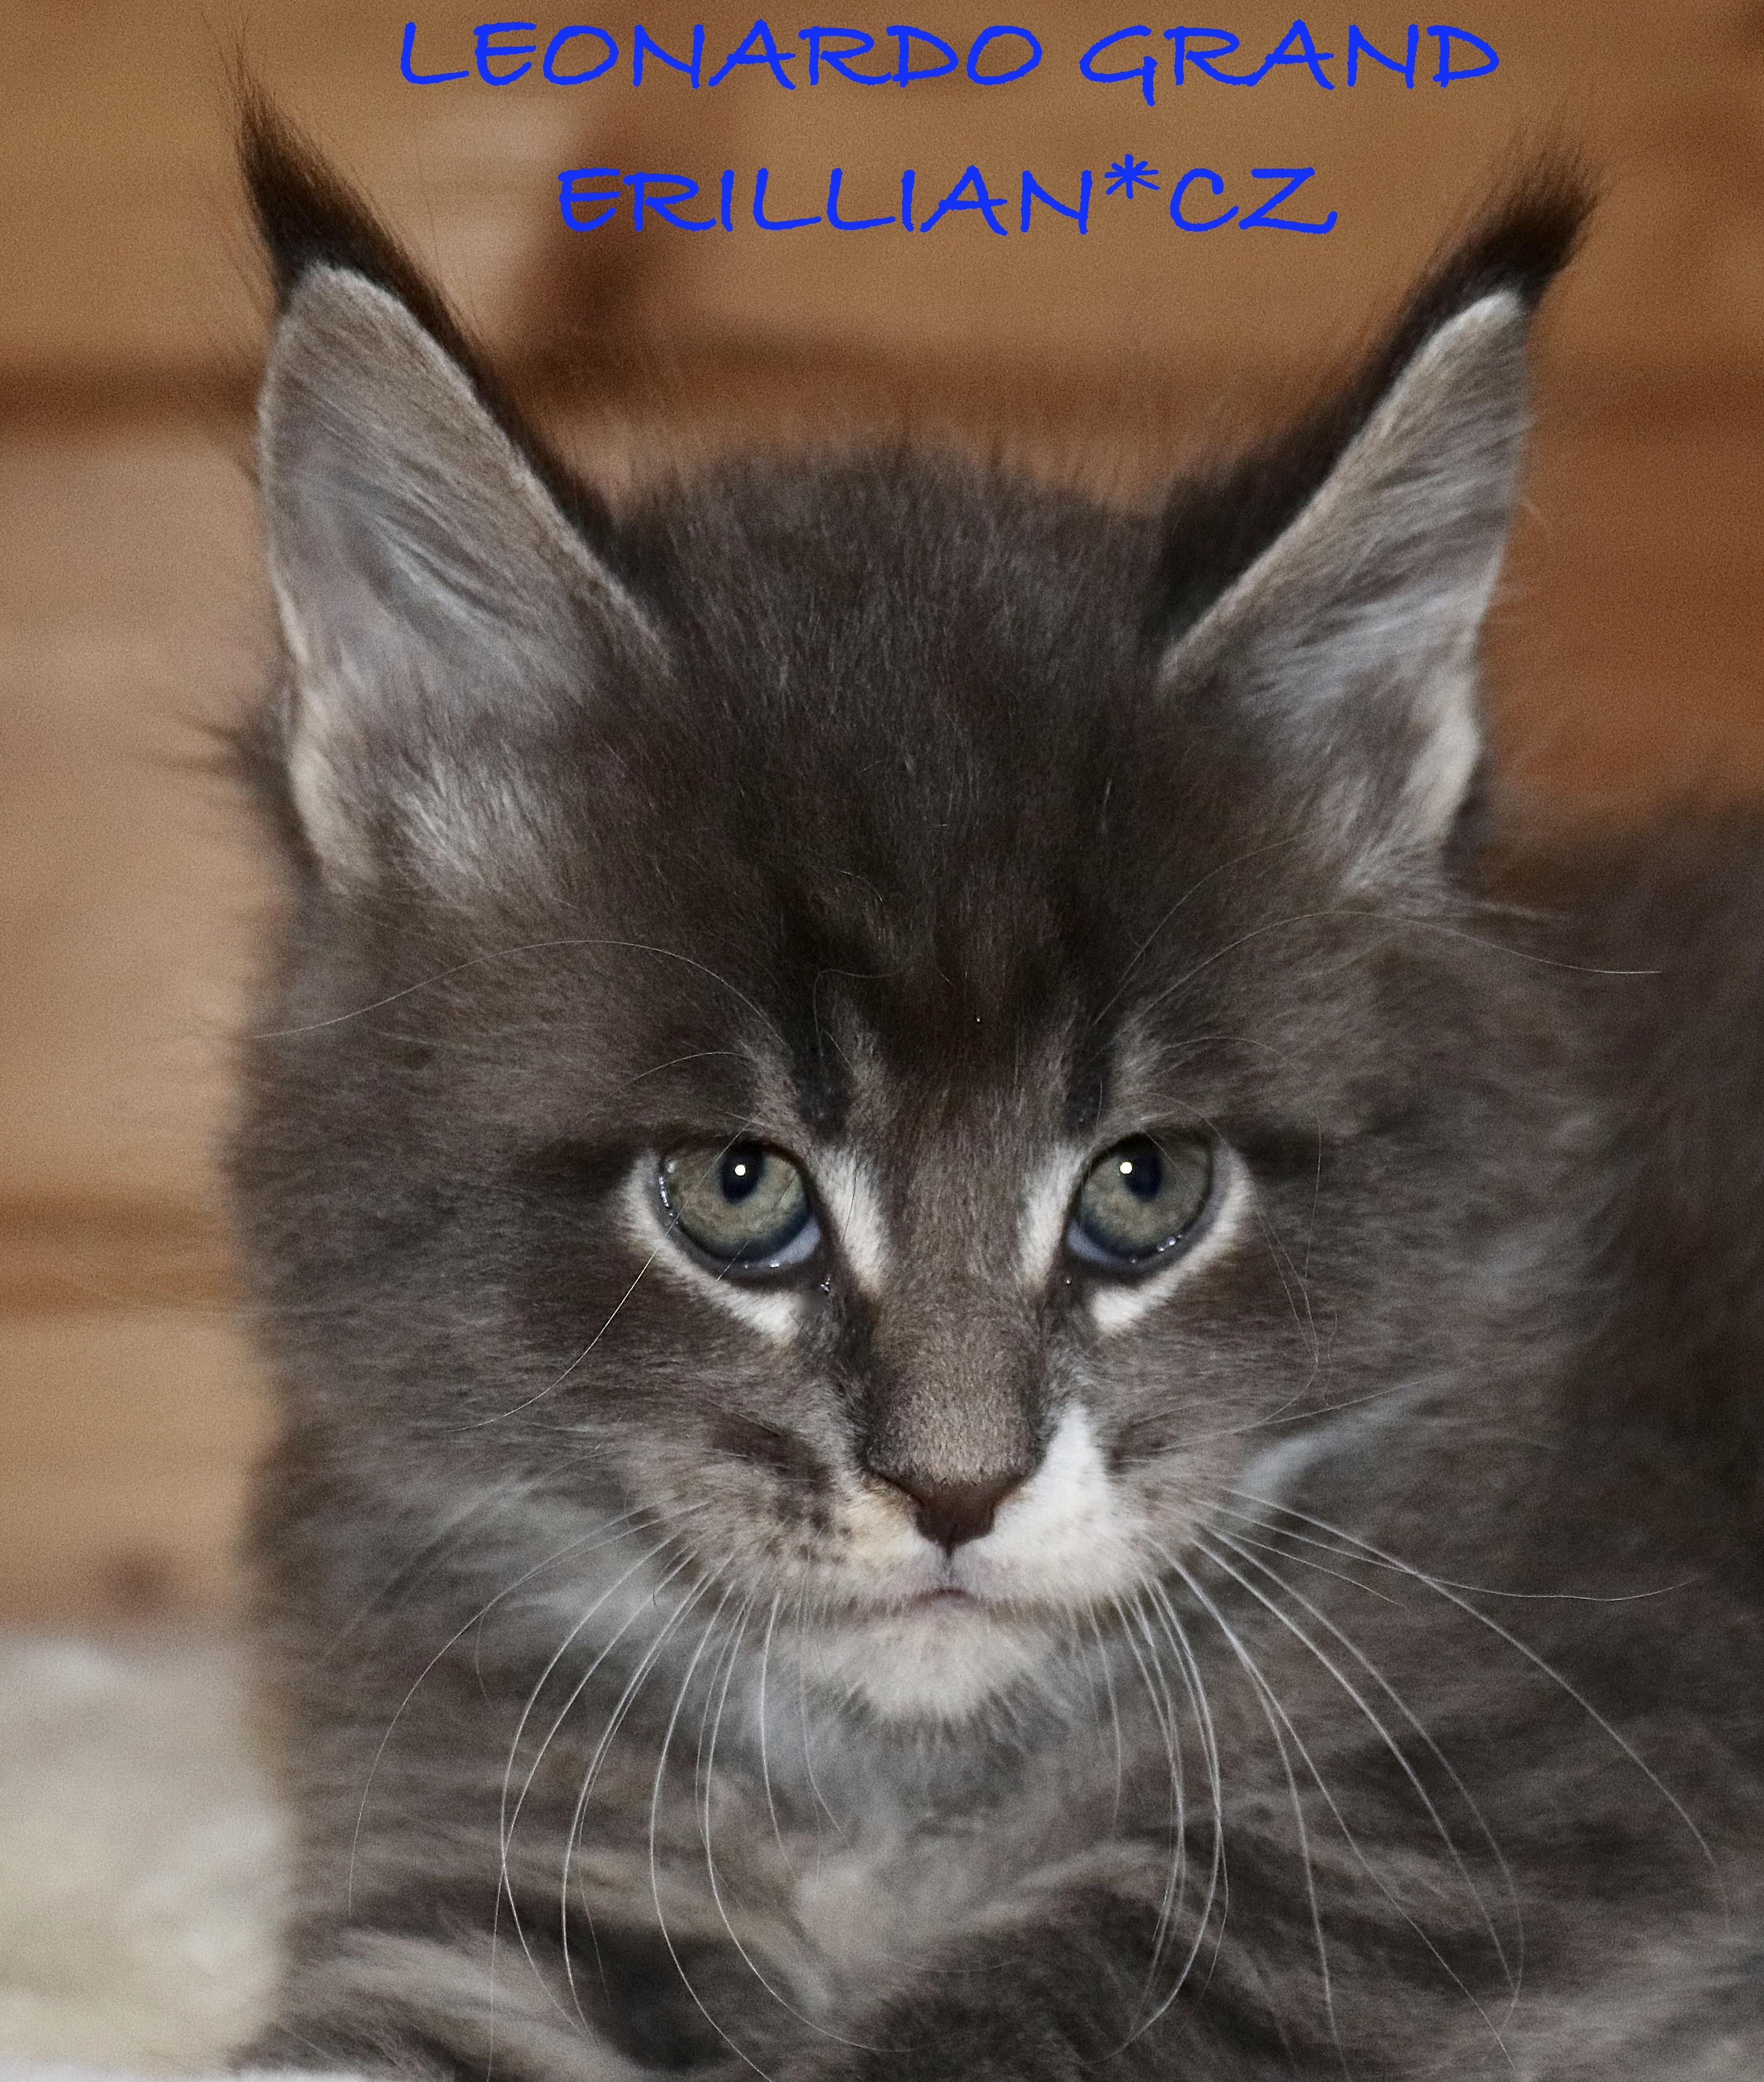 fotka kočky VRH L: LEONARDO GRAND VON ERILLIAN*CZ